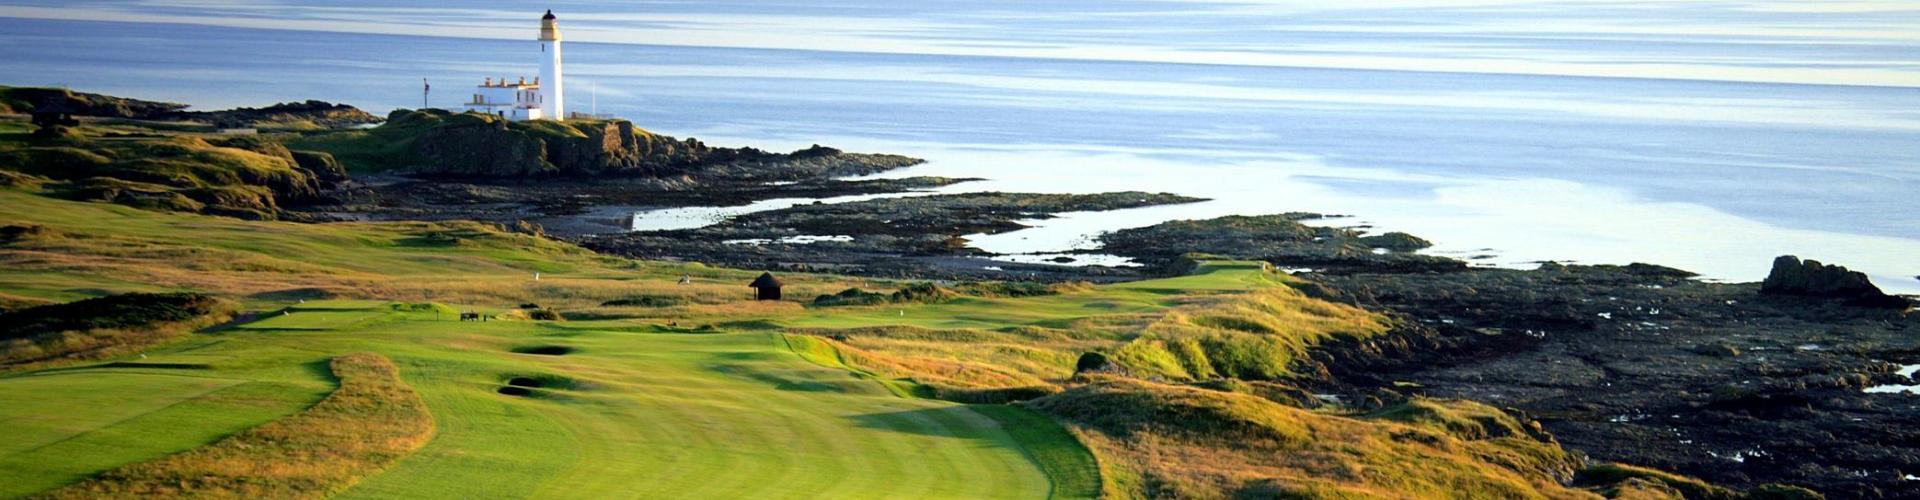 Golfresor Skottland - golfreseguiden.se